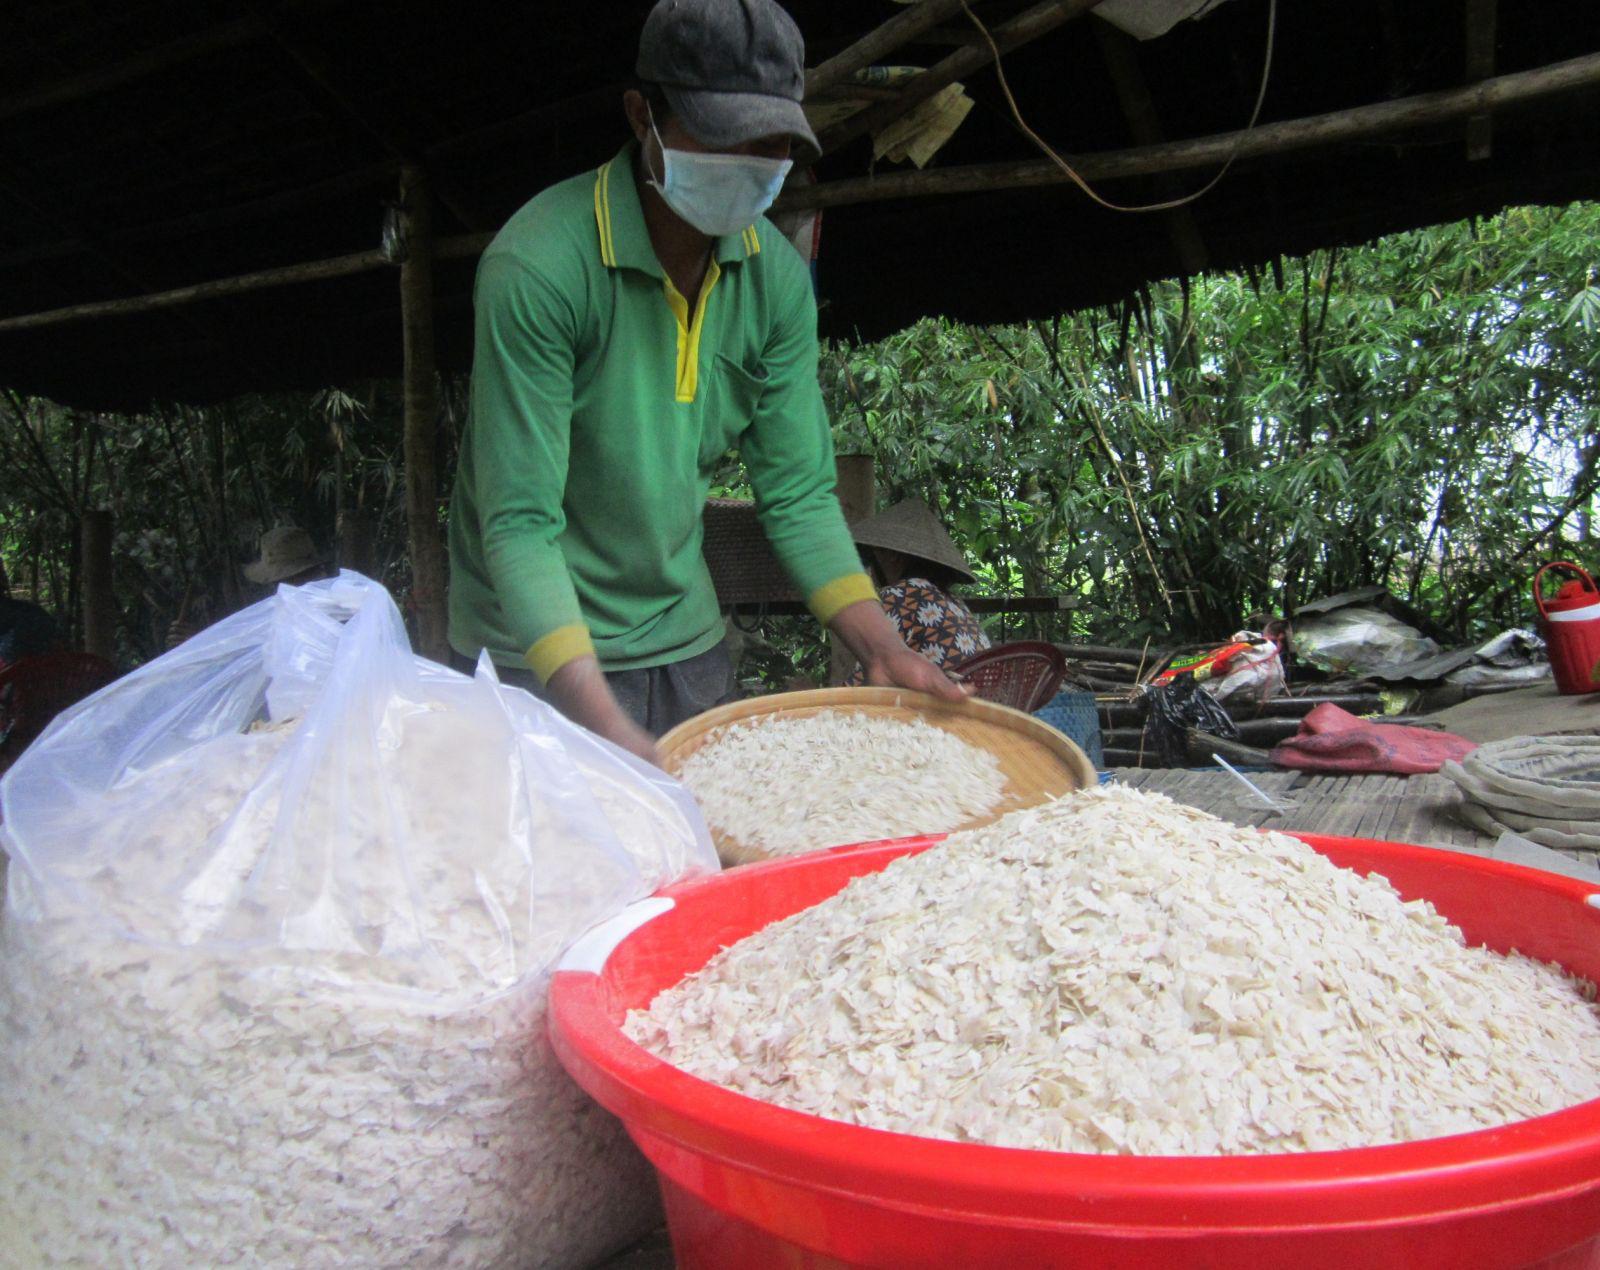 """Sóc Trăng: Đặc sản thơm nức, dẻo quạnh làm từ """"hạt ngọc trời"""" của bà con Khmer - Ảnh 1."""